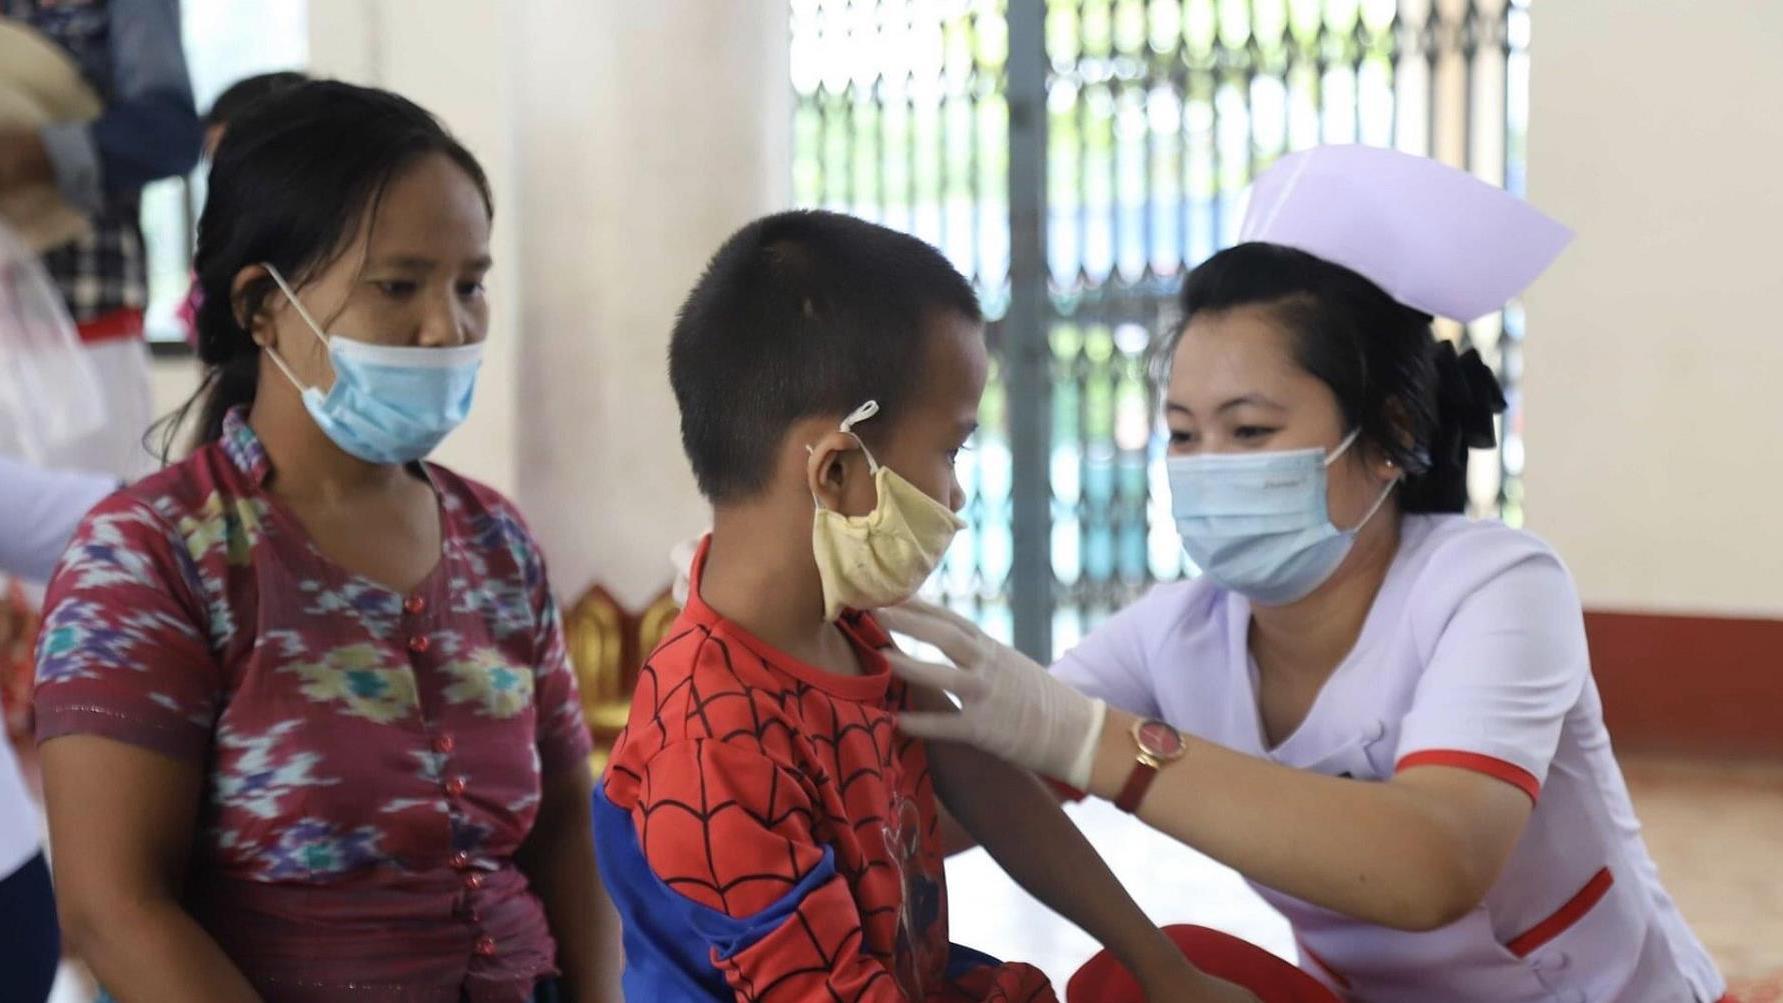 缅甸掸邦爆发白喉疫情 已致6人死亡